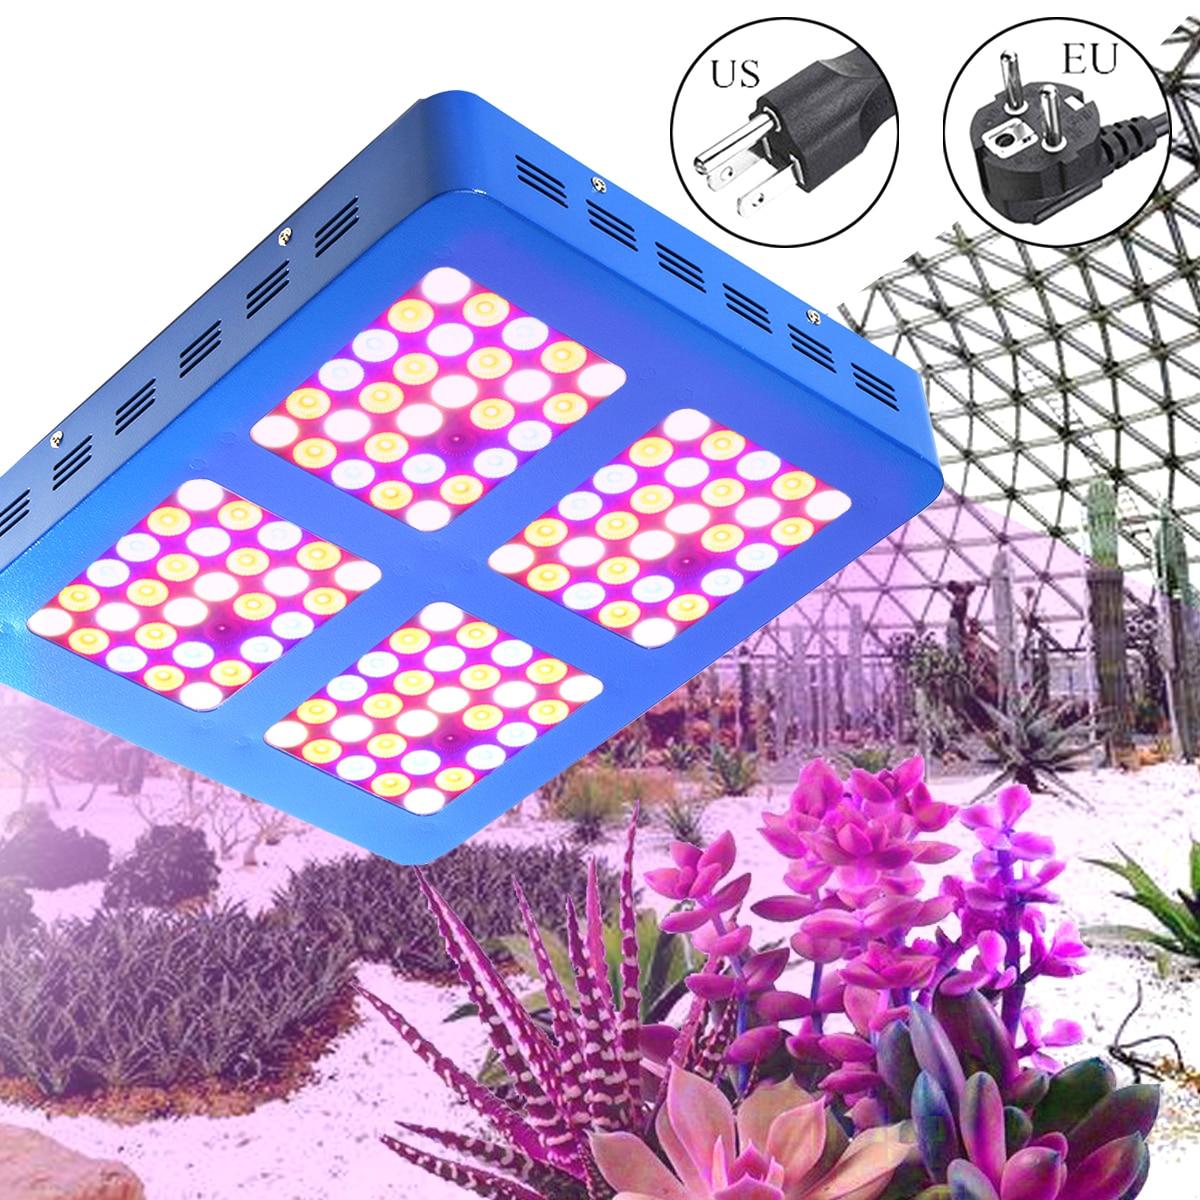 Smuxi LED Élèvent La Lumière 600 W Full Spectrum Hydroponique Pour Serre Intérieure Grandir Tente Plantes Poussent LED Lumière Succulentes Floraison